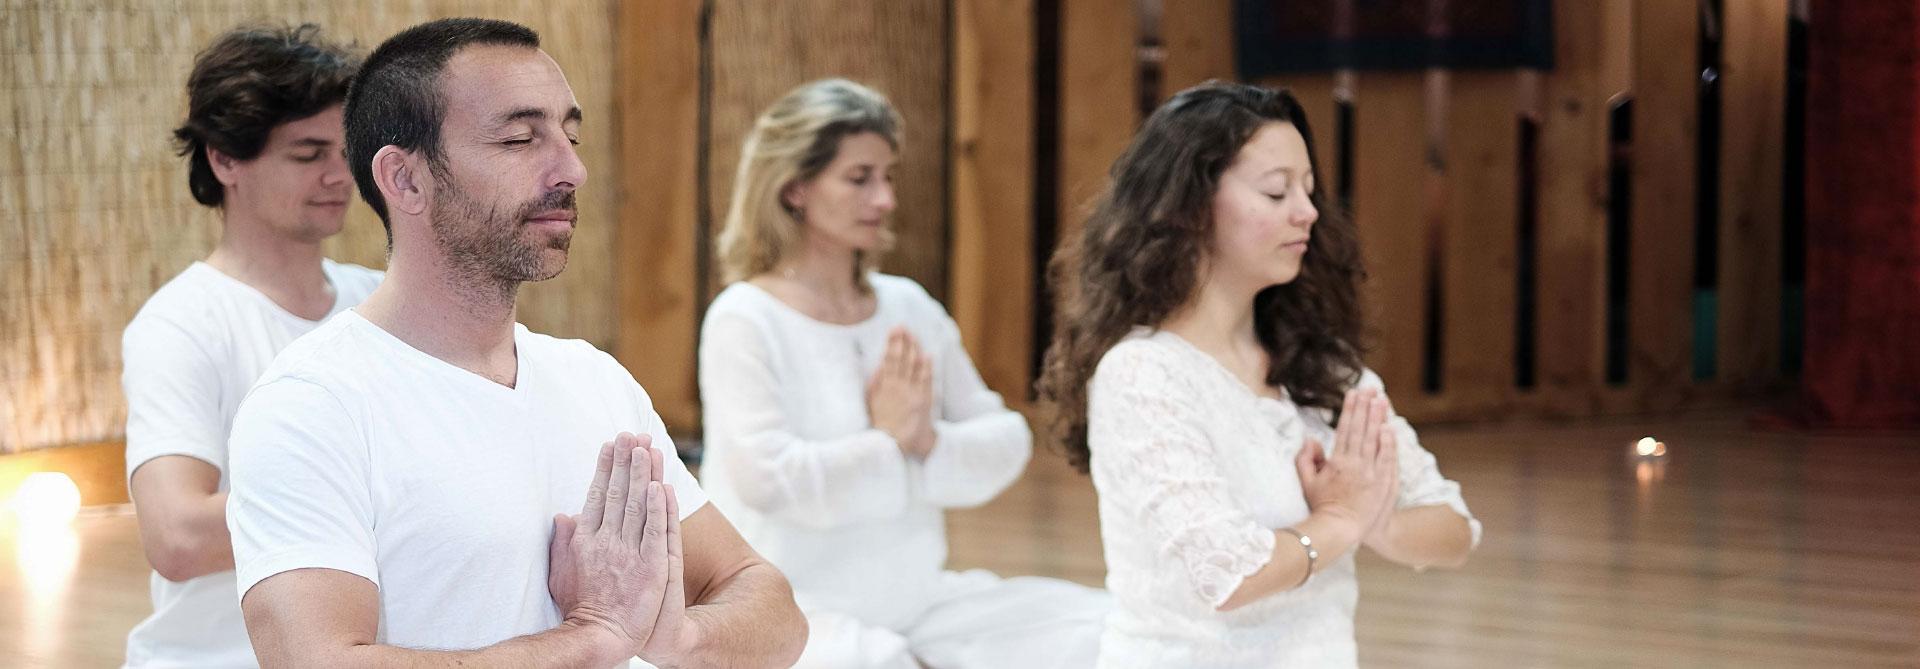 Le kundalini yoga vient du nord de l'Inde